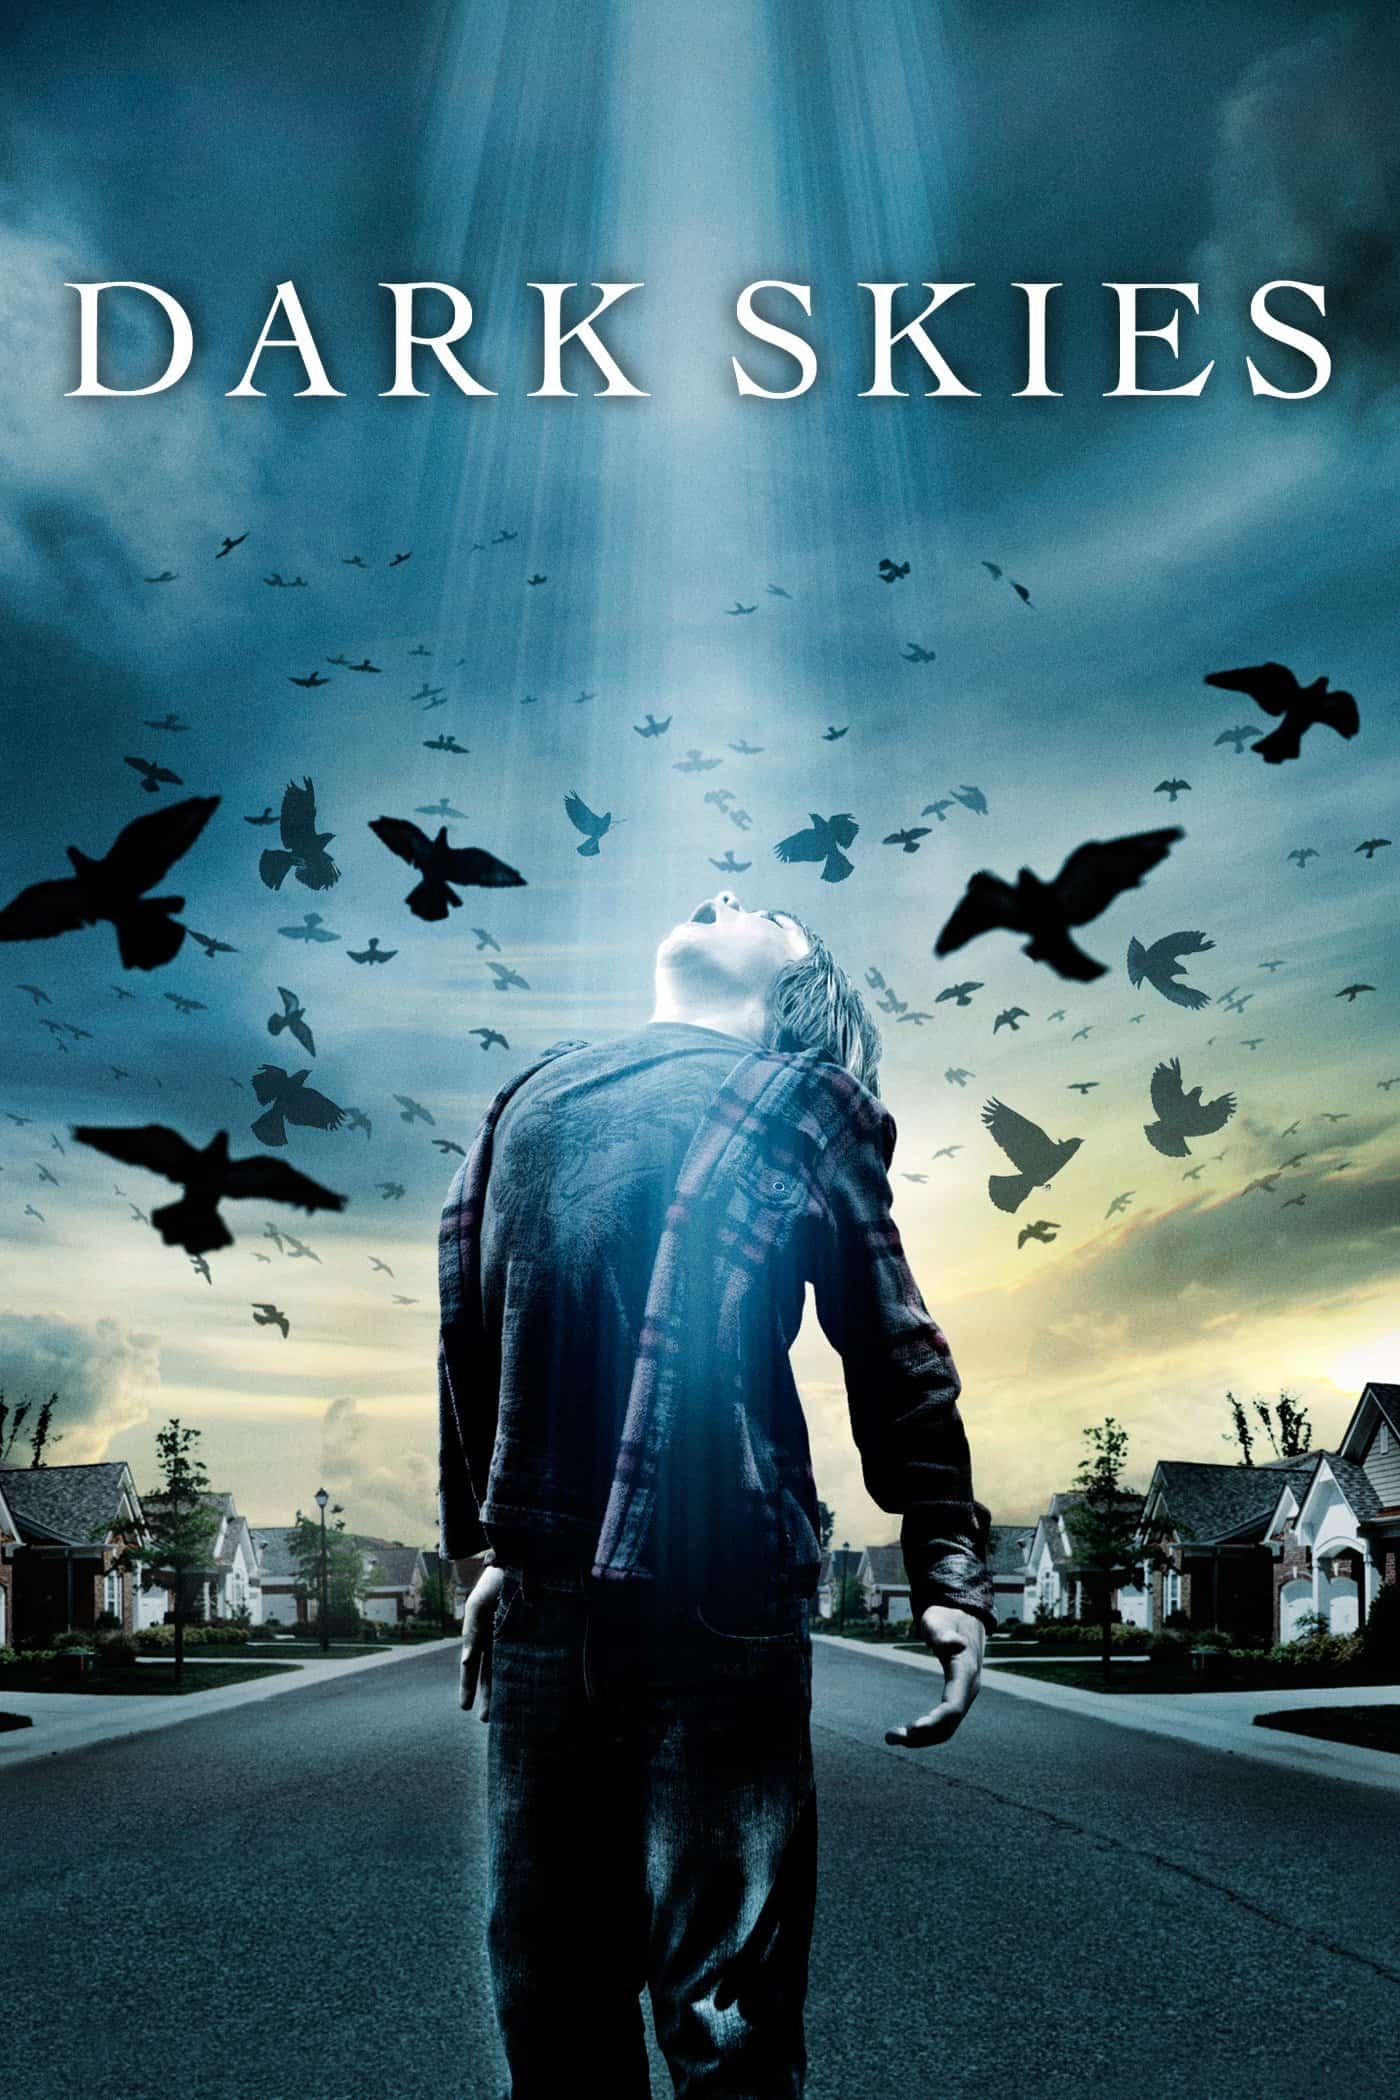 Dark Skies, 2013